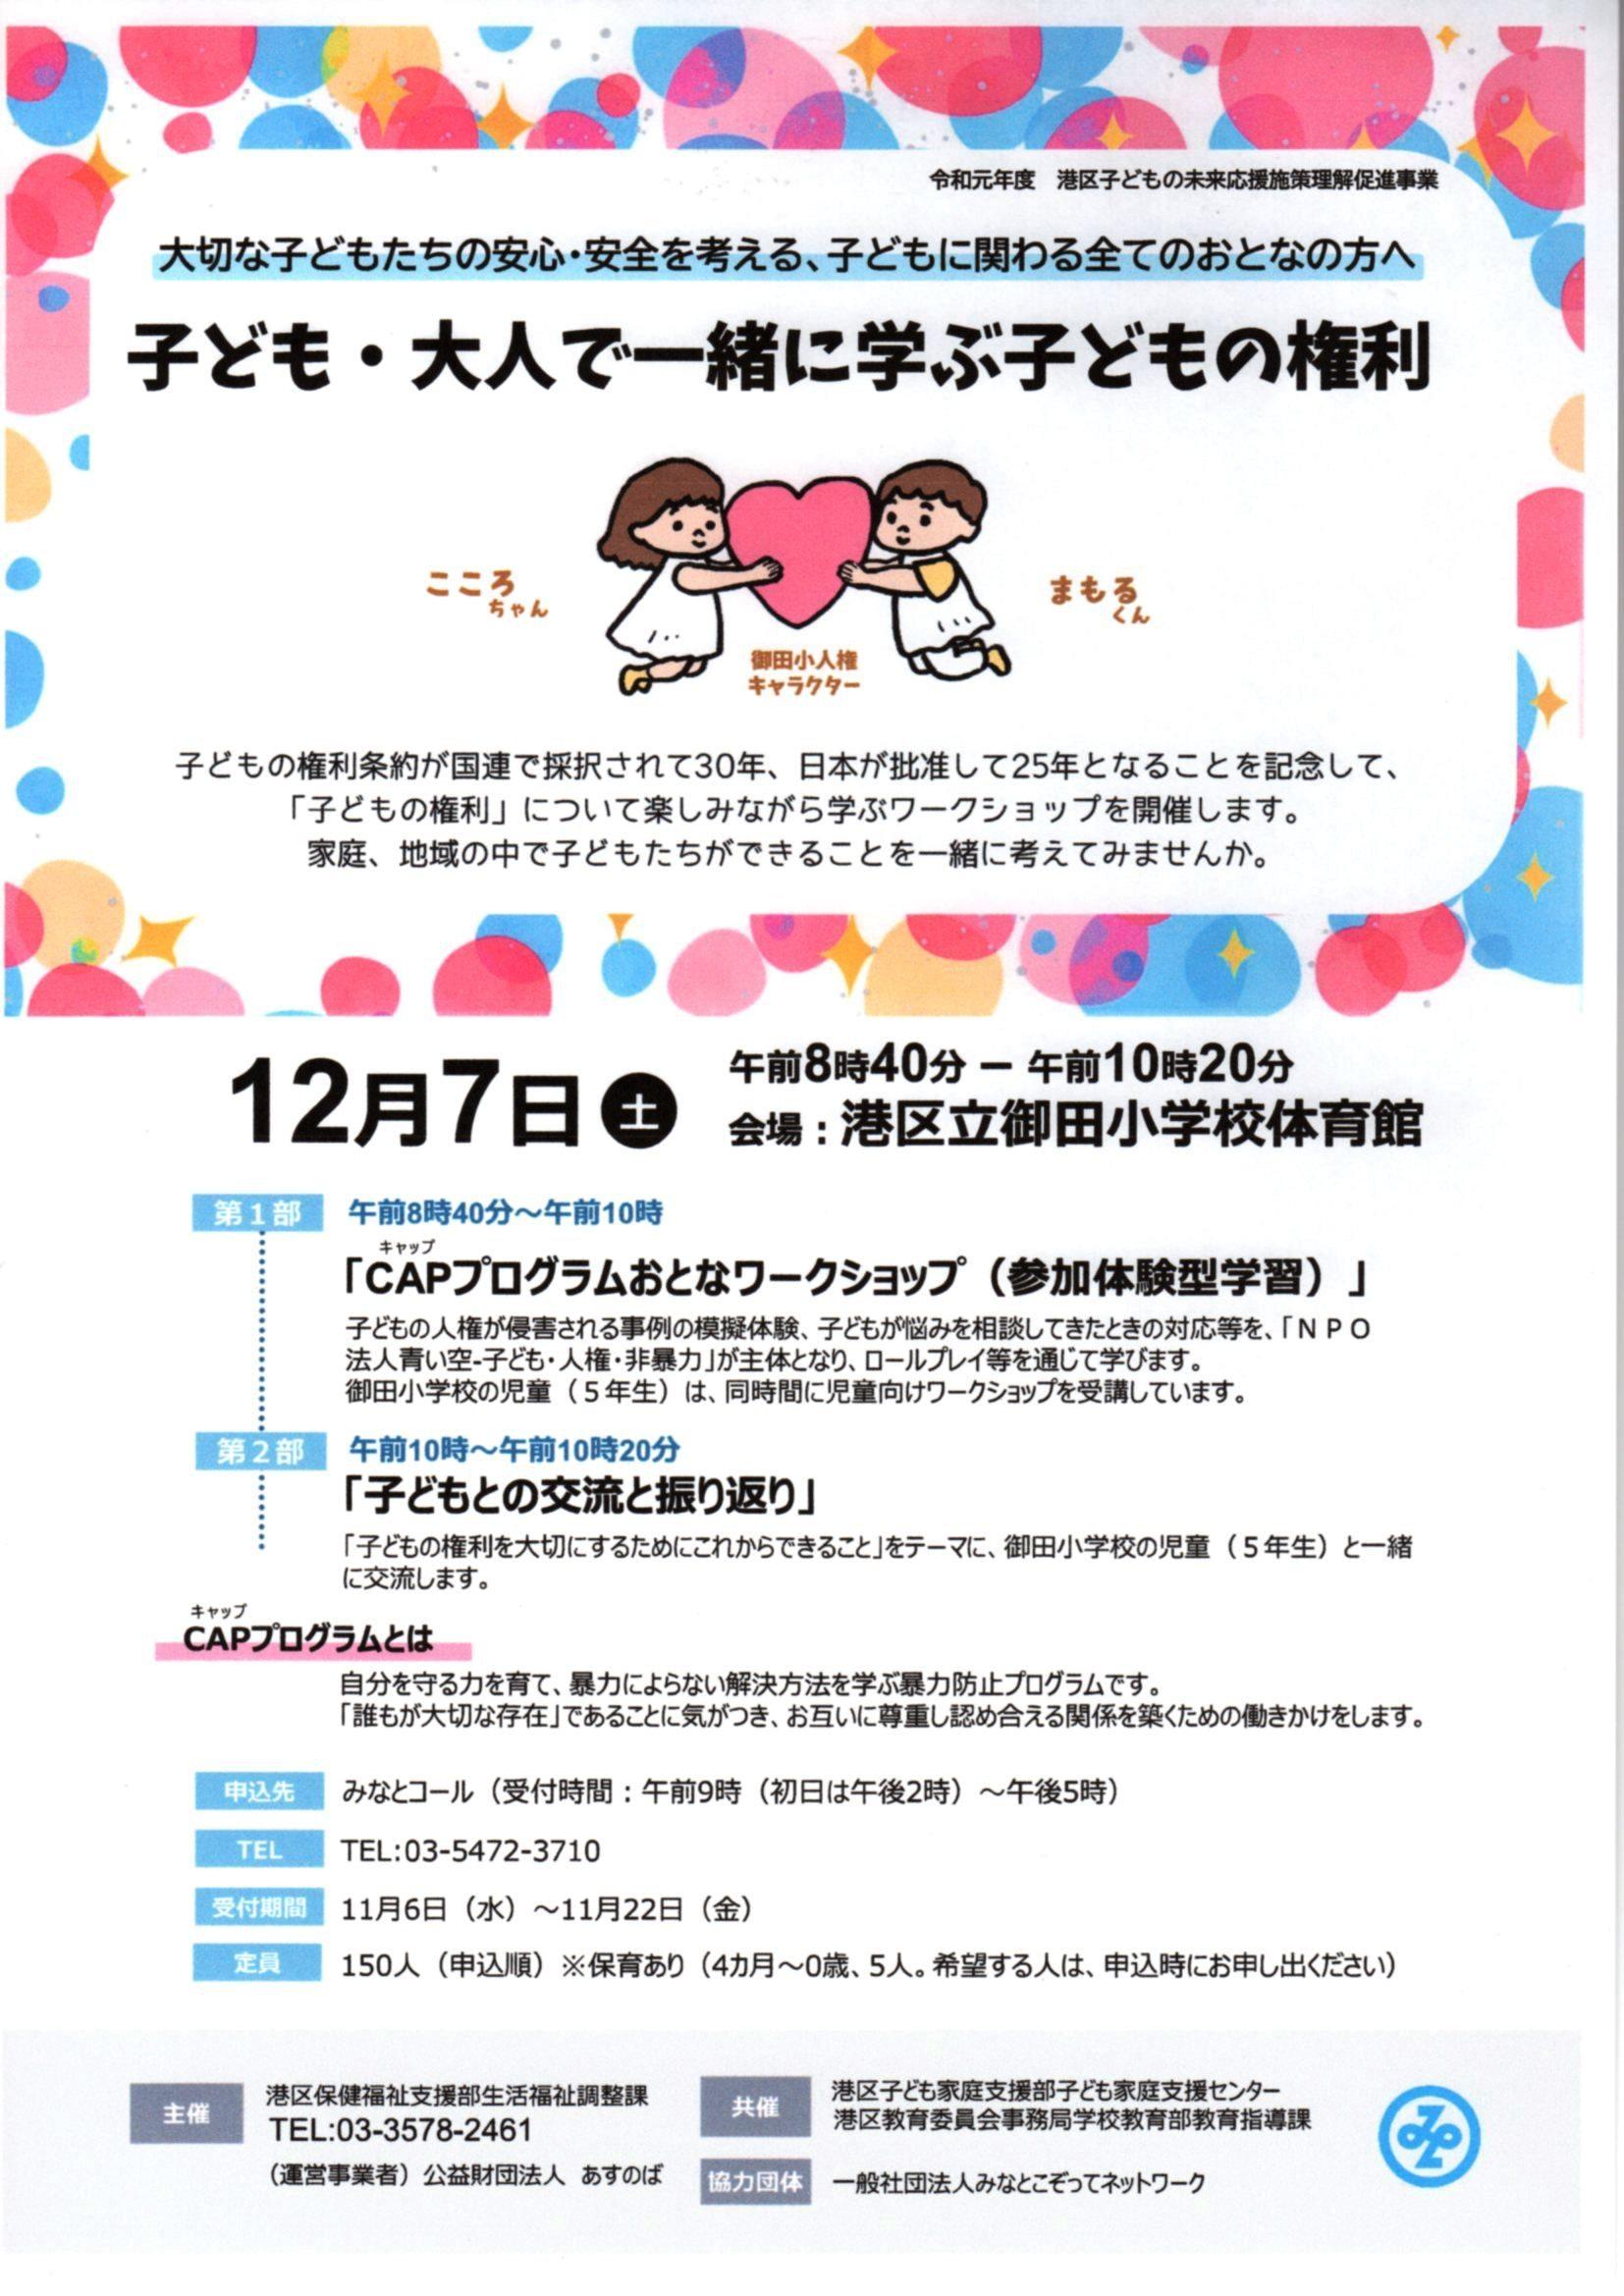 港区で開催。「子ども・大人で一緒に学ぶ子どもの権利」12月7日(土)おとなワークショップのみの参加受け付けをしています。_d0204305_18364313.jpg